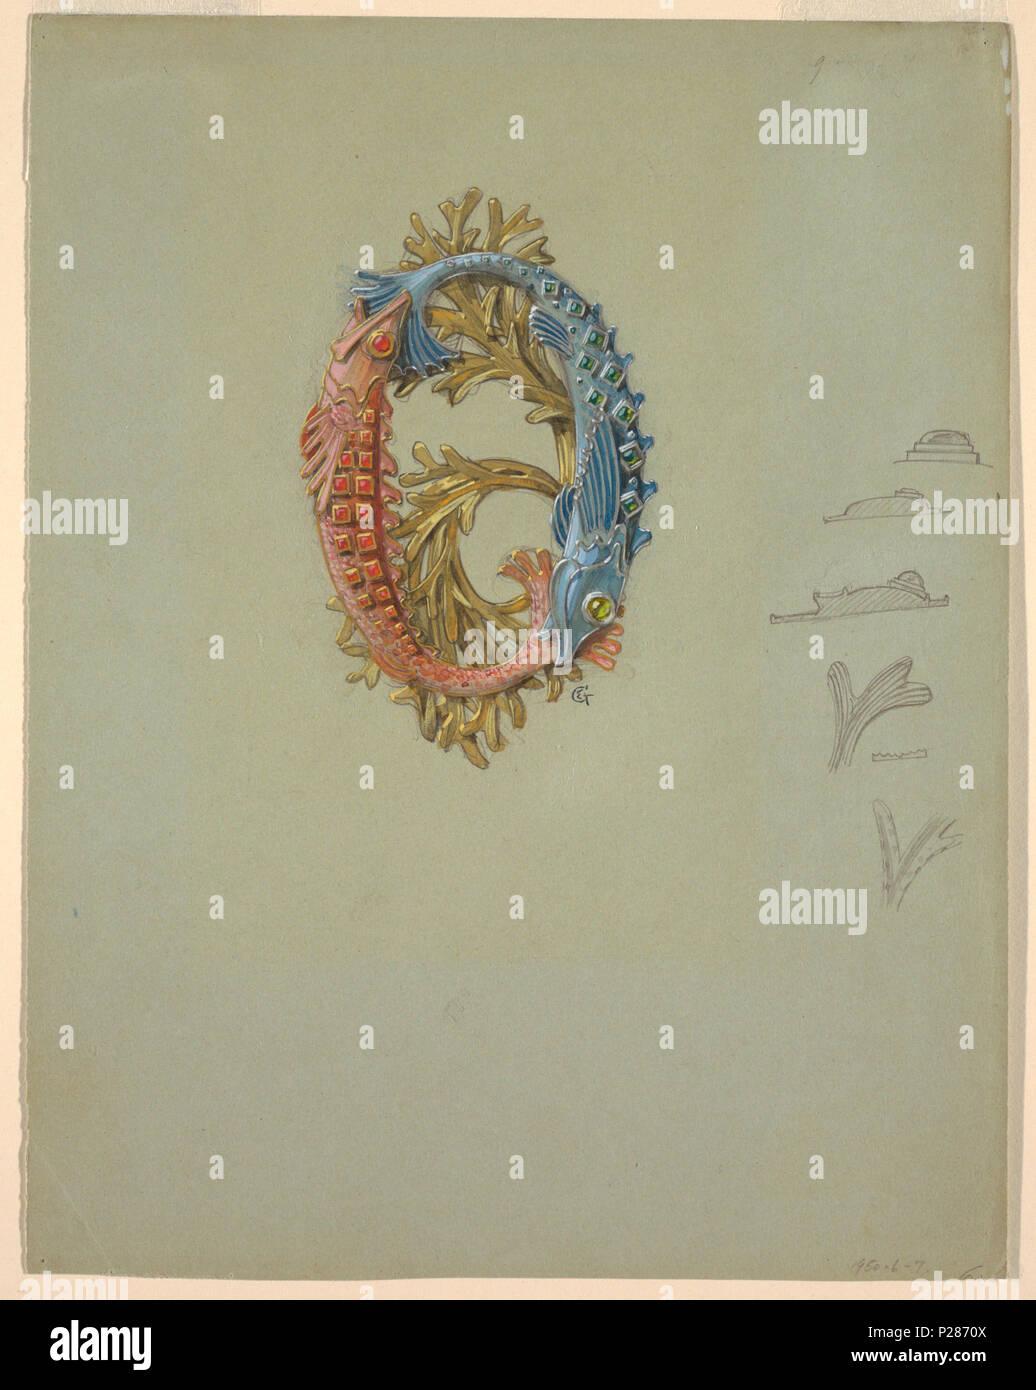 Inglese Il Disegno Di Una Fibbia Con Due Pesci E Alghe 1900